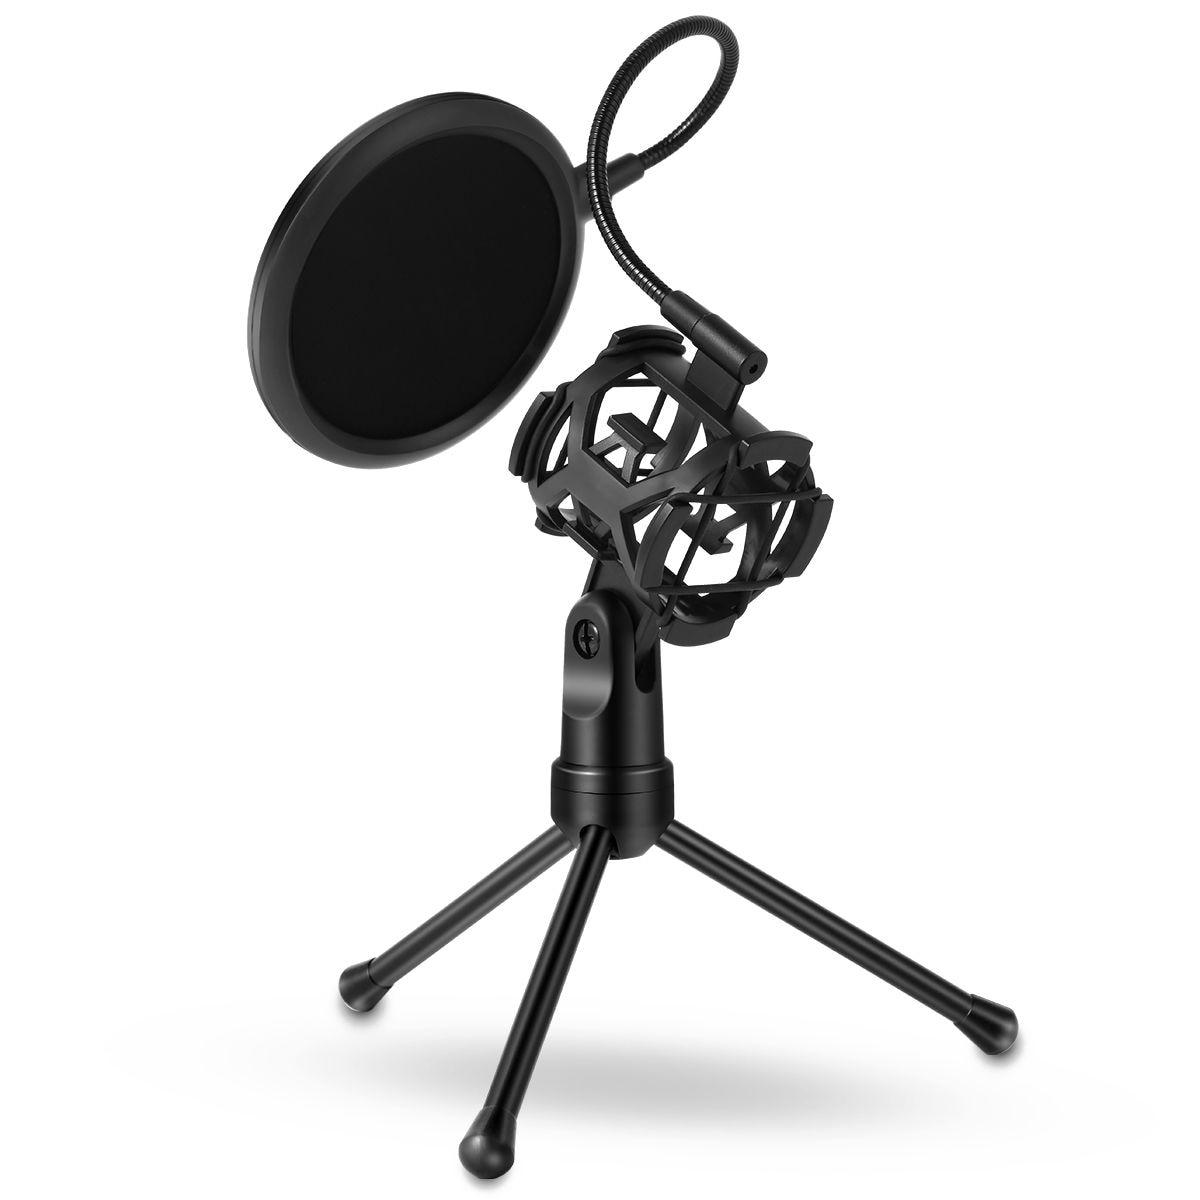 Mini Mikrofon P-op Filter Stoßfest Desktop Stativ Mikrofon Halterung Filter Abdeckung Für Rundfunk Karaoke Im In Und Ausland FüR Exquisite Verarbeitung Gekonntes Stricken Und Elegantes Design BerüHmt Zu Sein